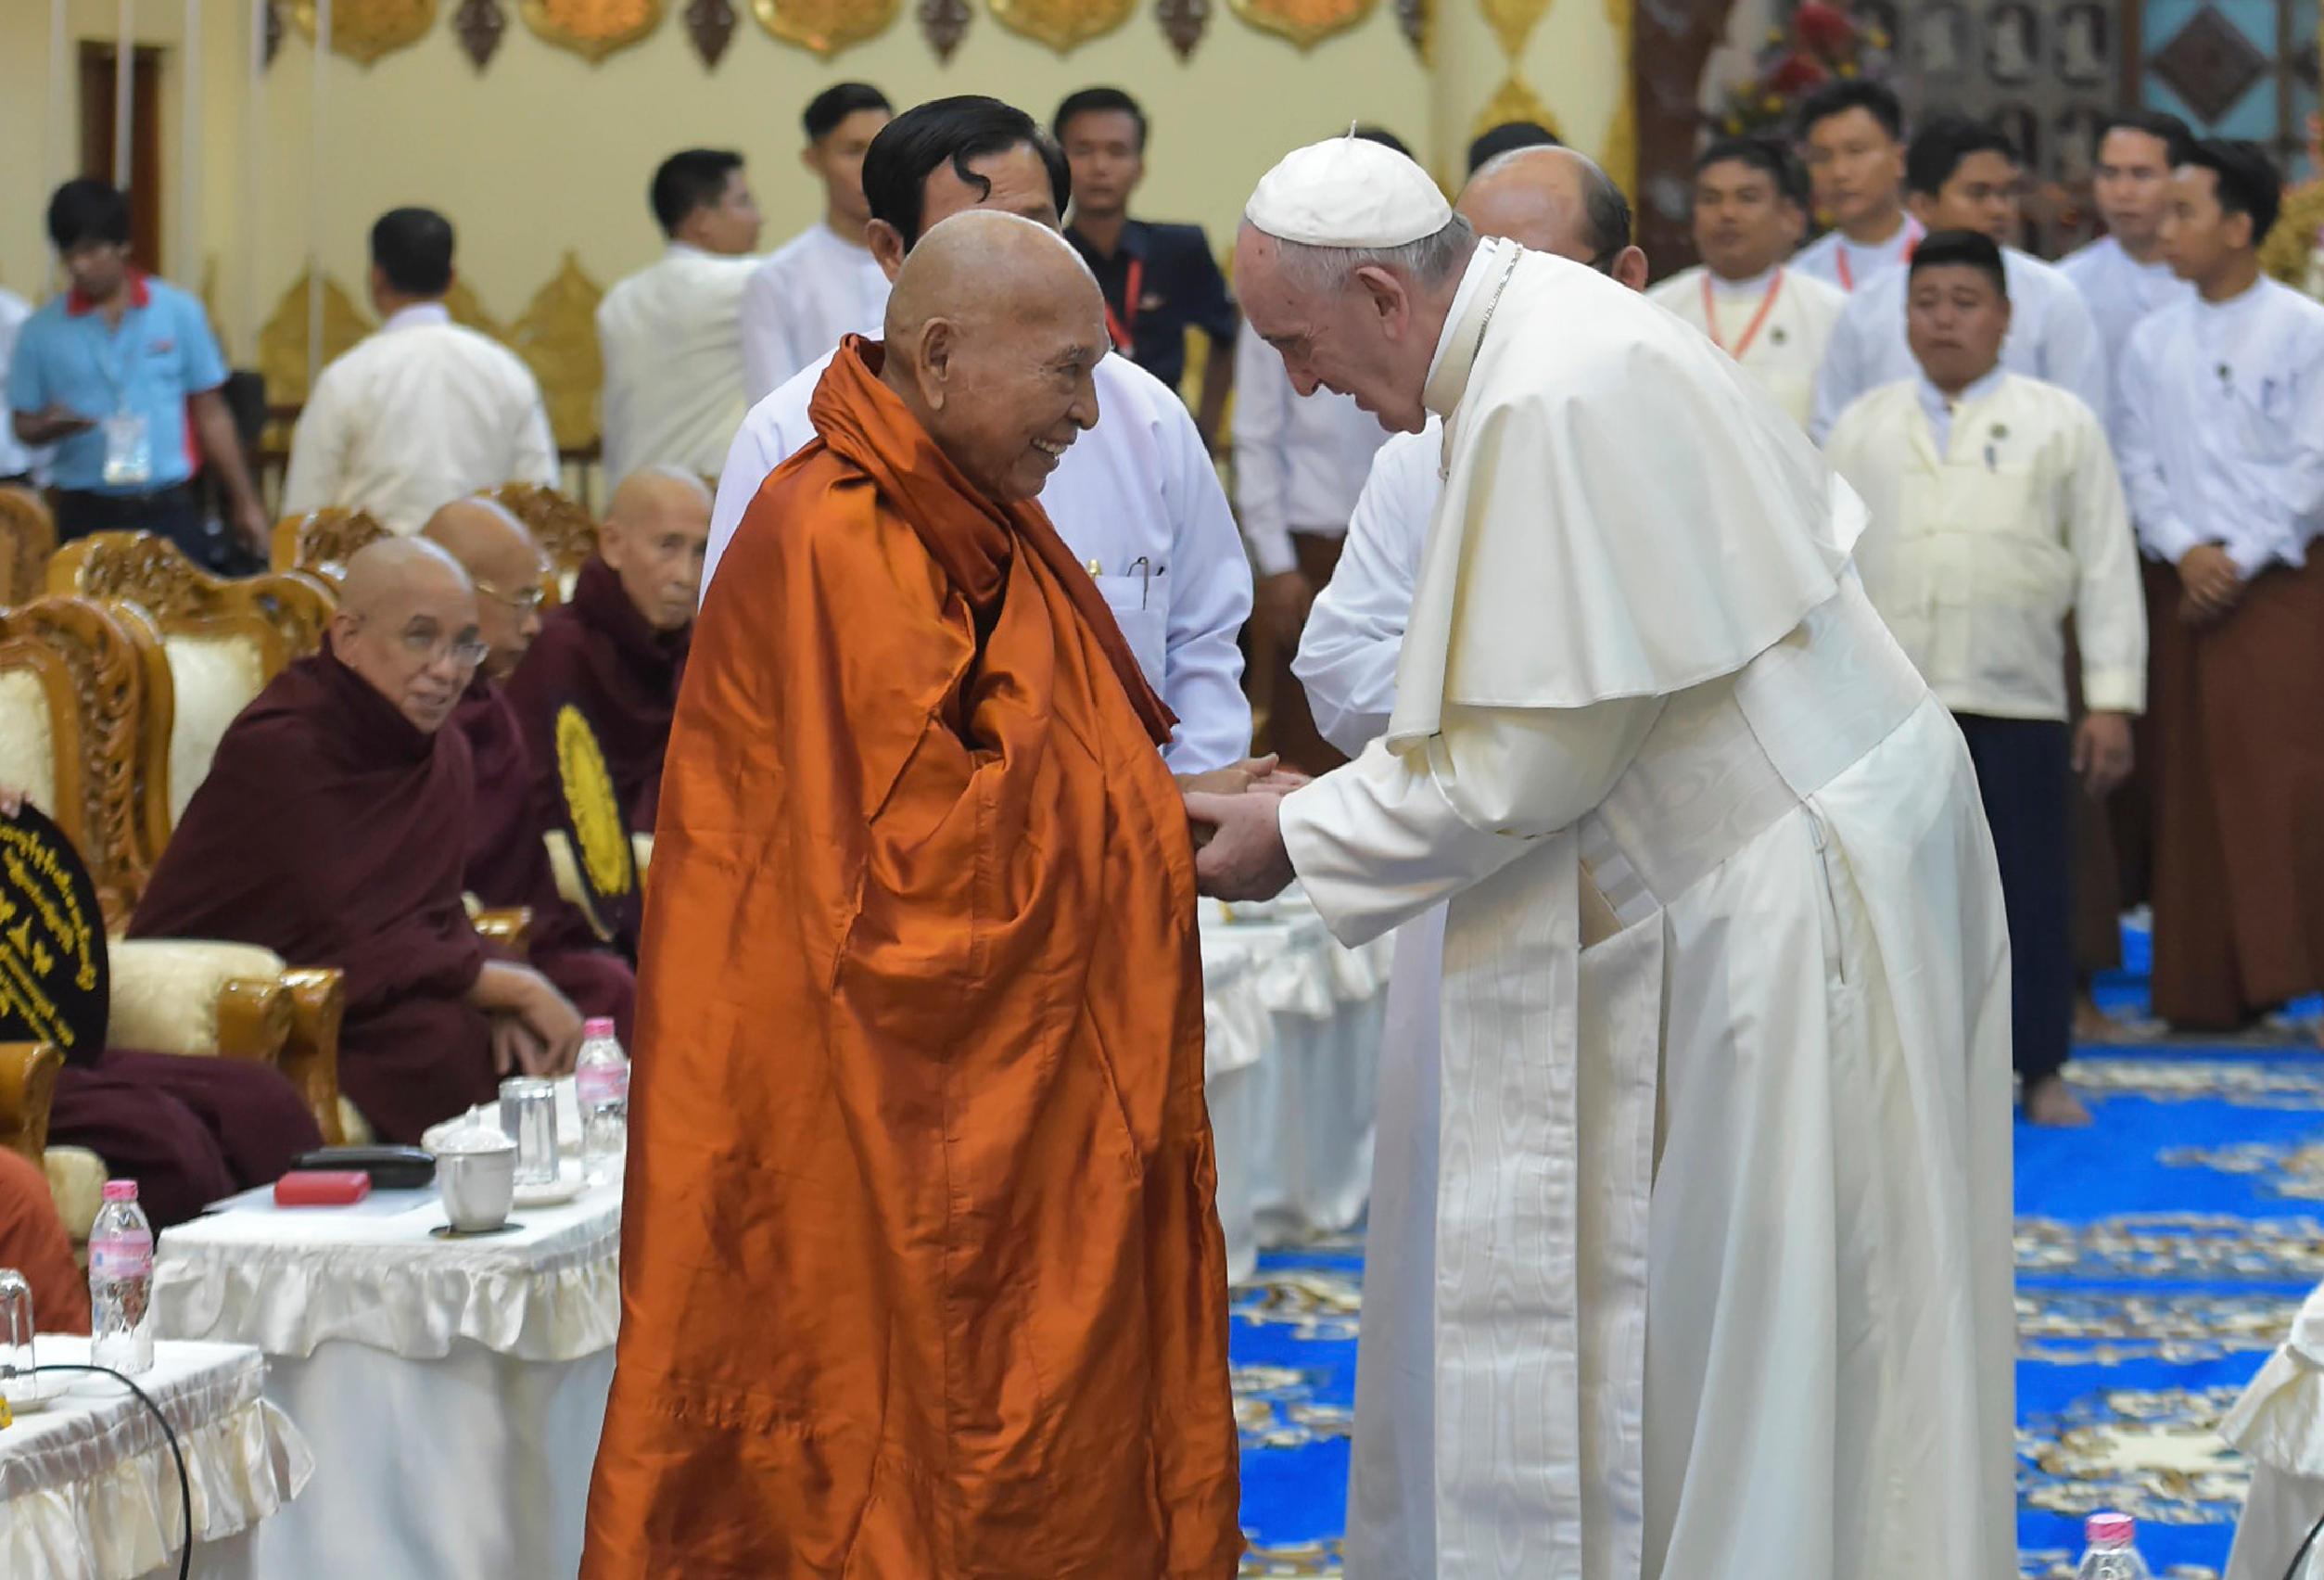 Saludo del Papa y del líder budista © L'Osservatore Romano